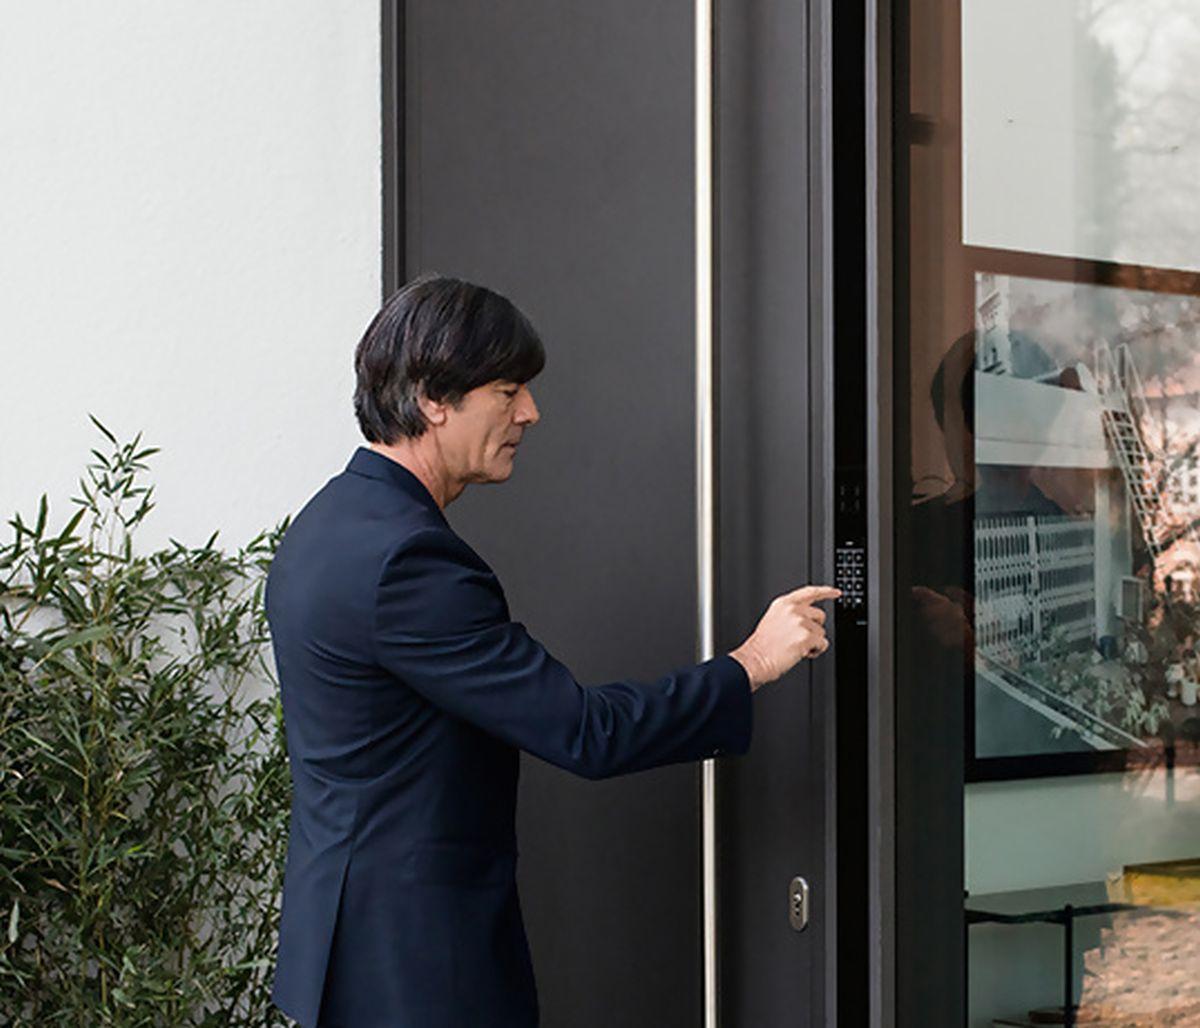 Vchodové dveře a jejich možnosti zabezpečení slide 4